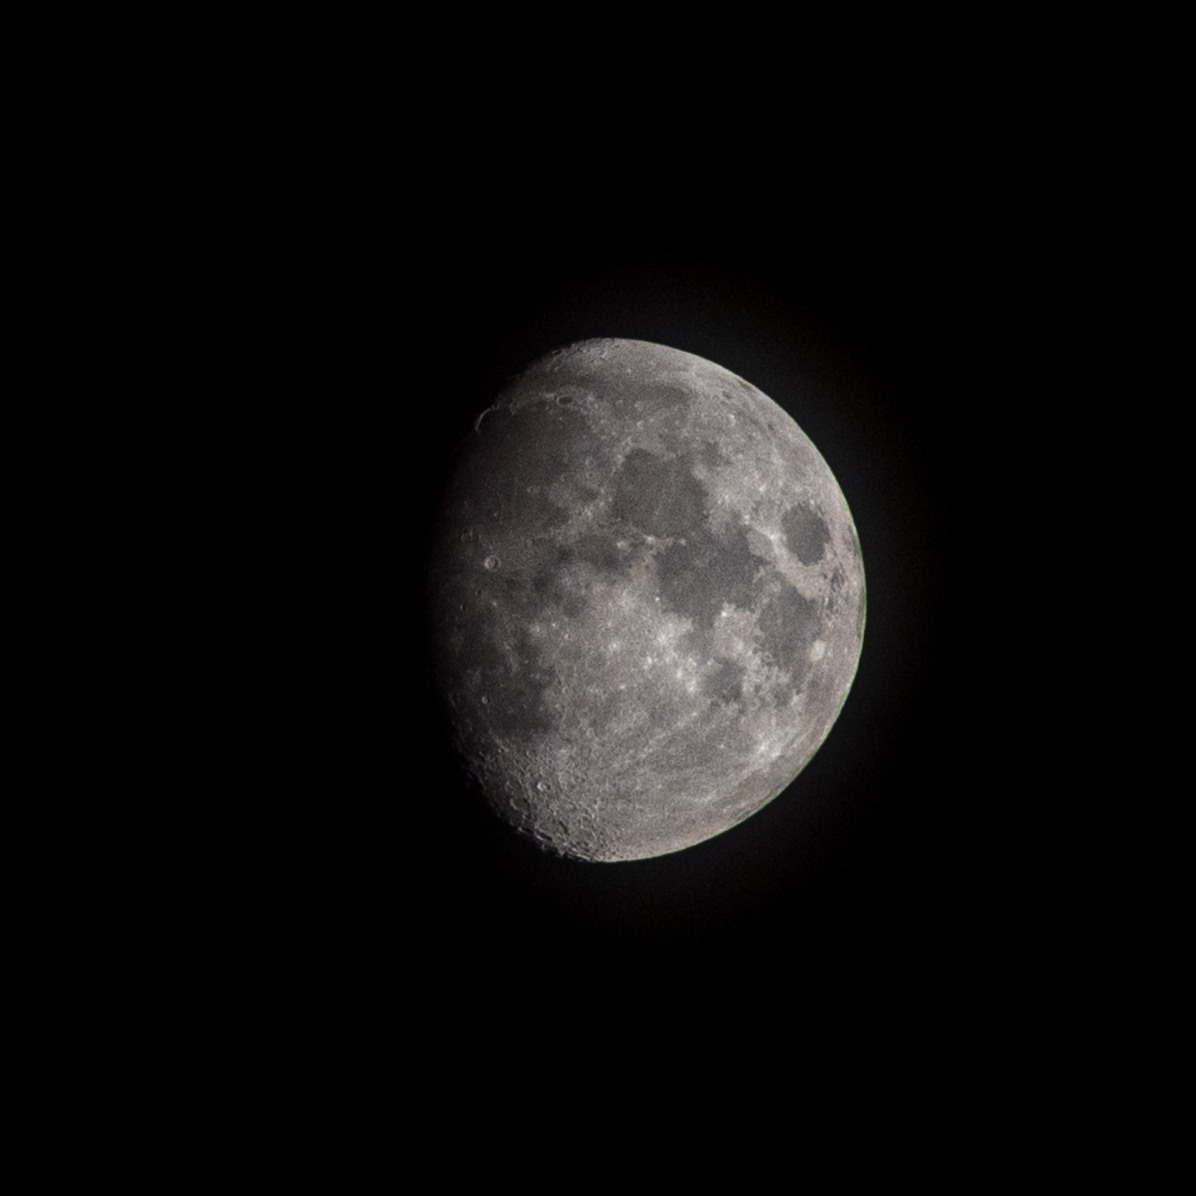 Dag 26 vanaf volle maan 9 september 2019. Tijdstip 21.24 opkomst: 18.29 ondergang: 01.44 uur. Muziek nummer van de dag: toploader/Dancing in the moonlight , Marco Dirksen.